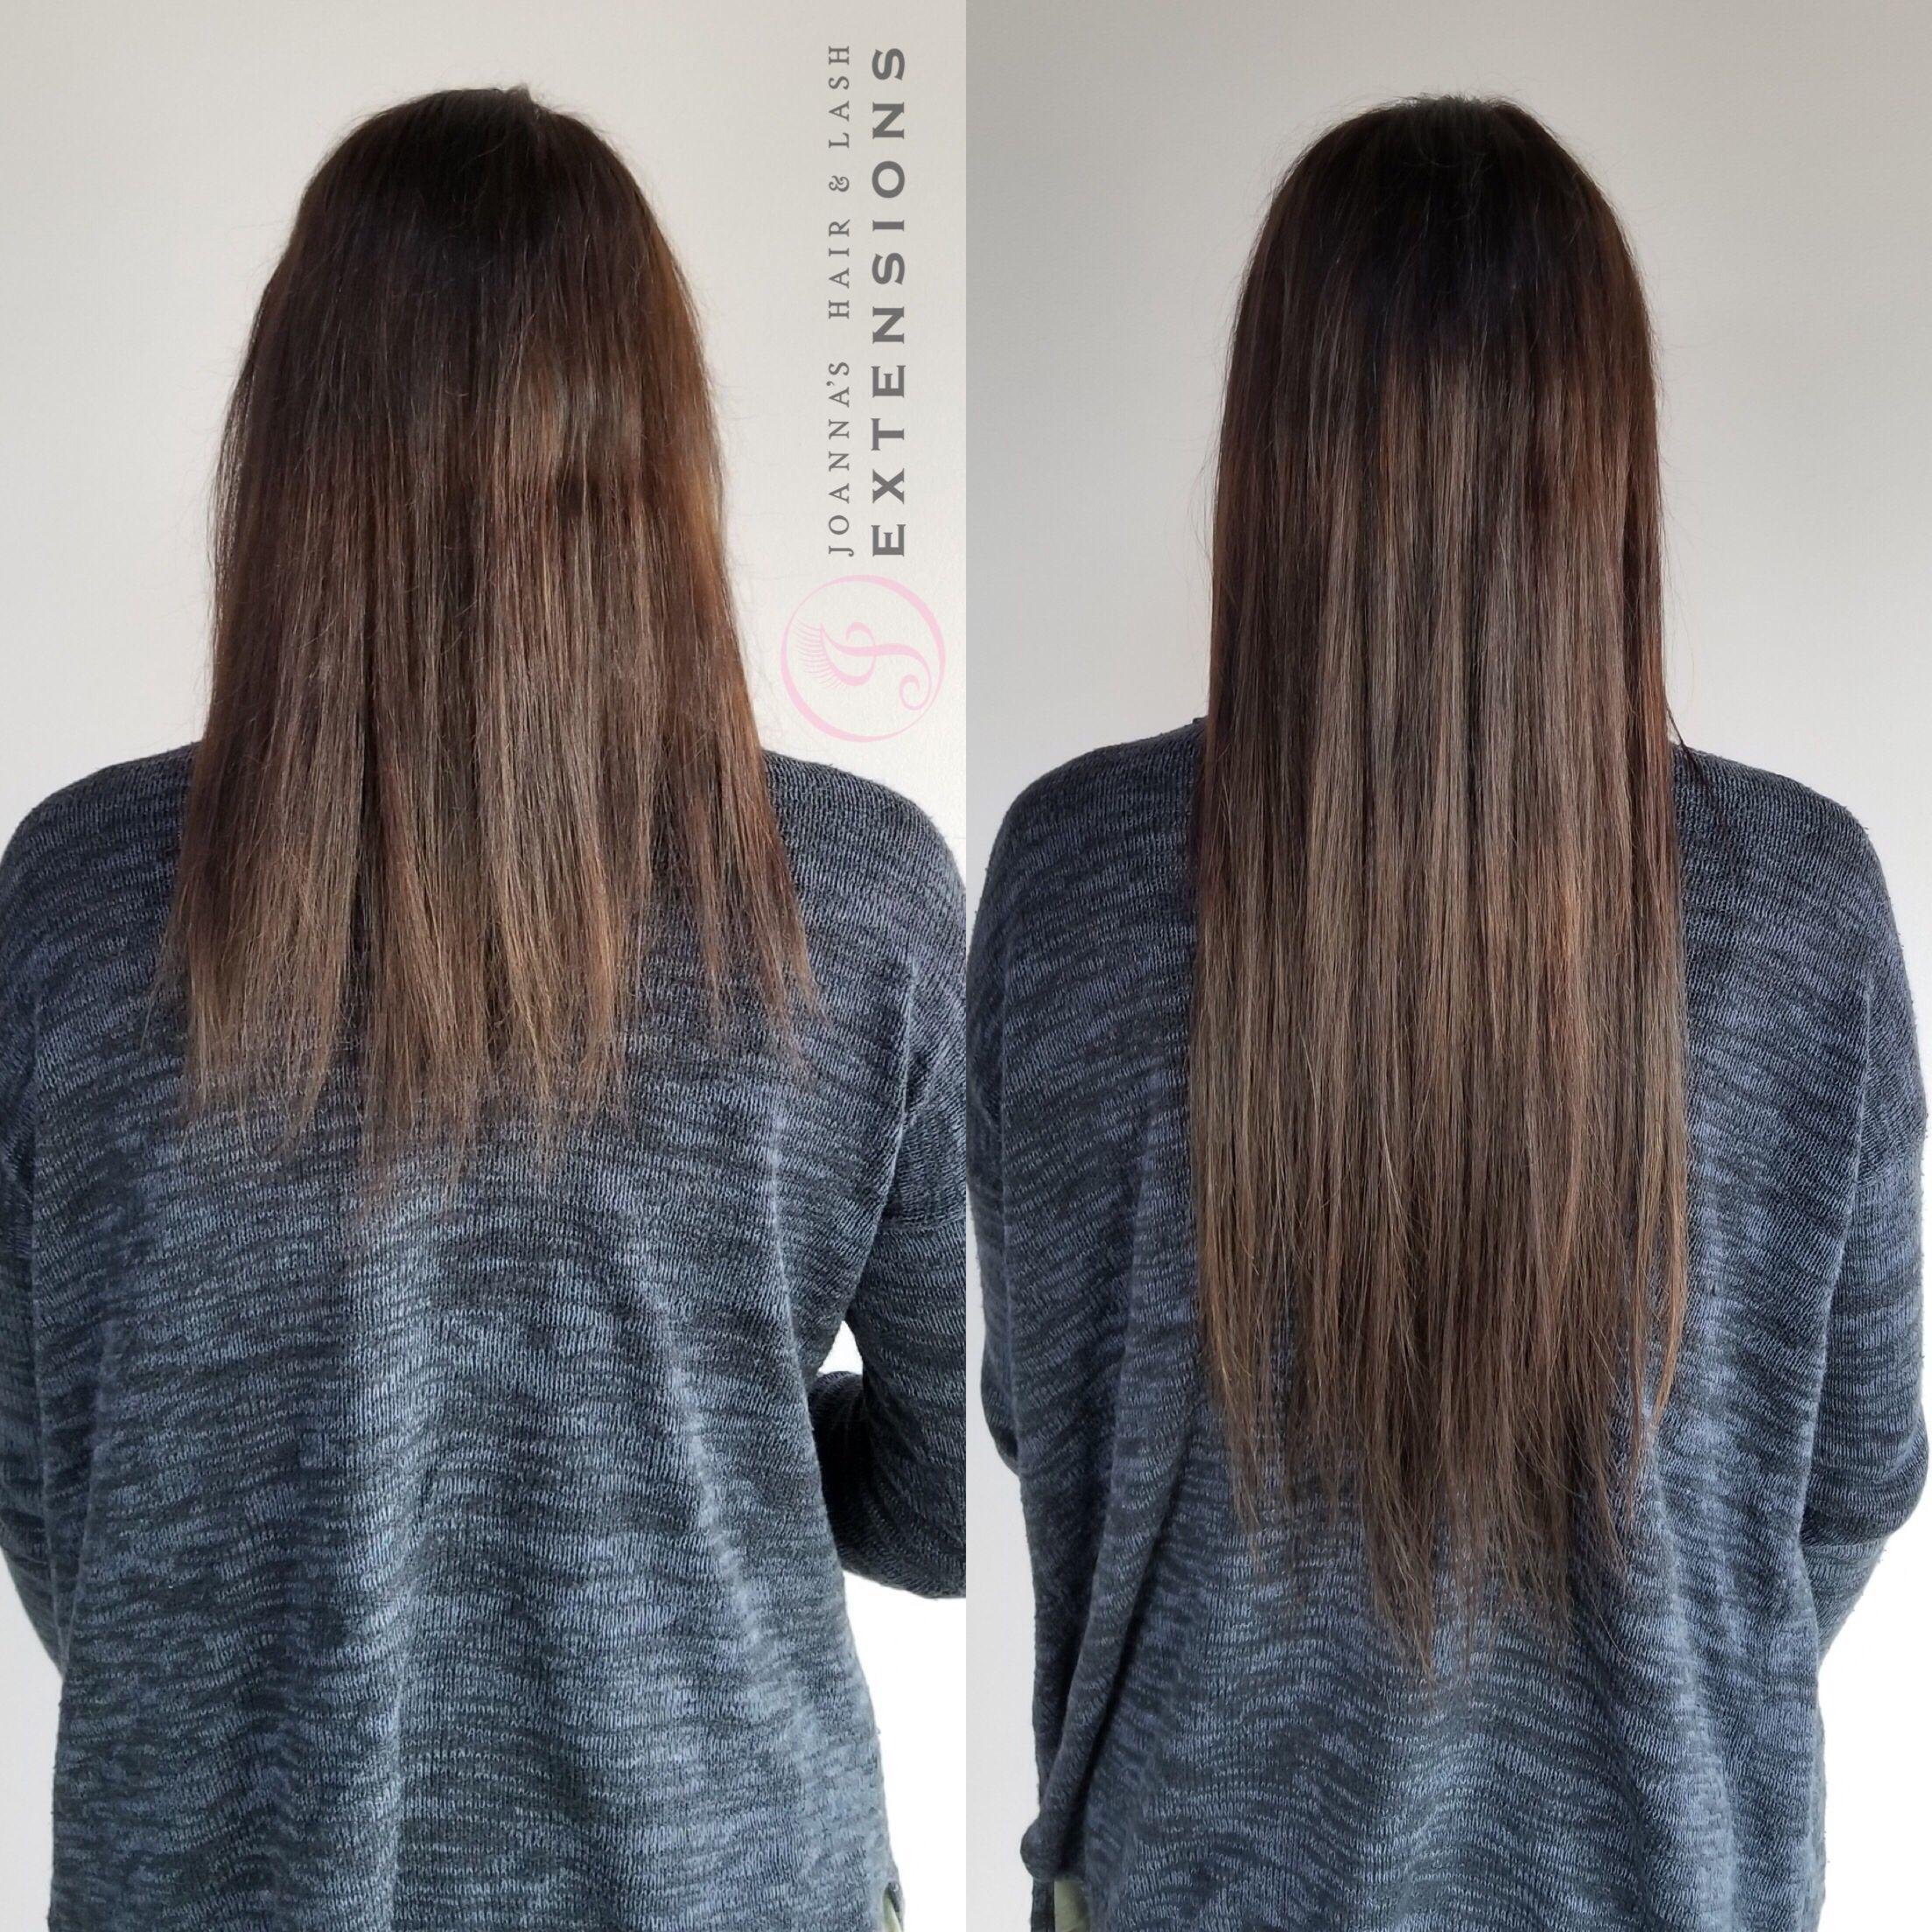 Dreamcatcher European Hair Extensions Call 312498 7542 Www